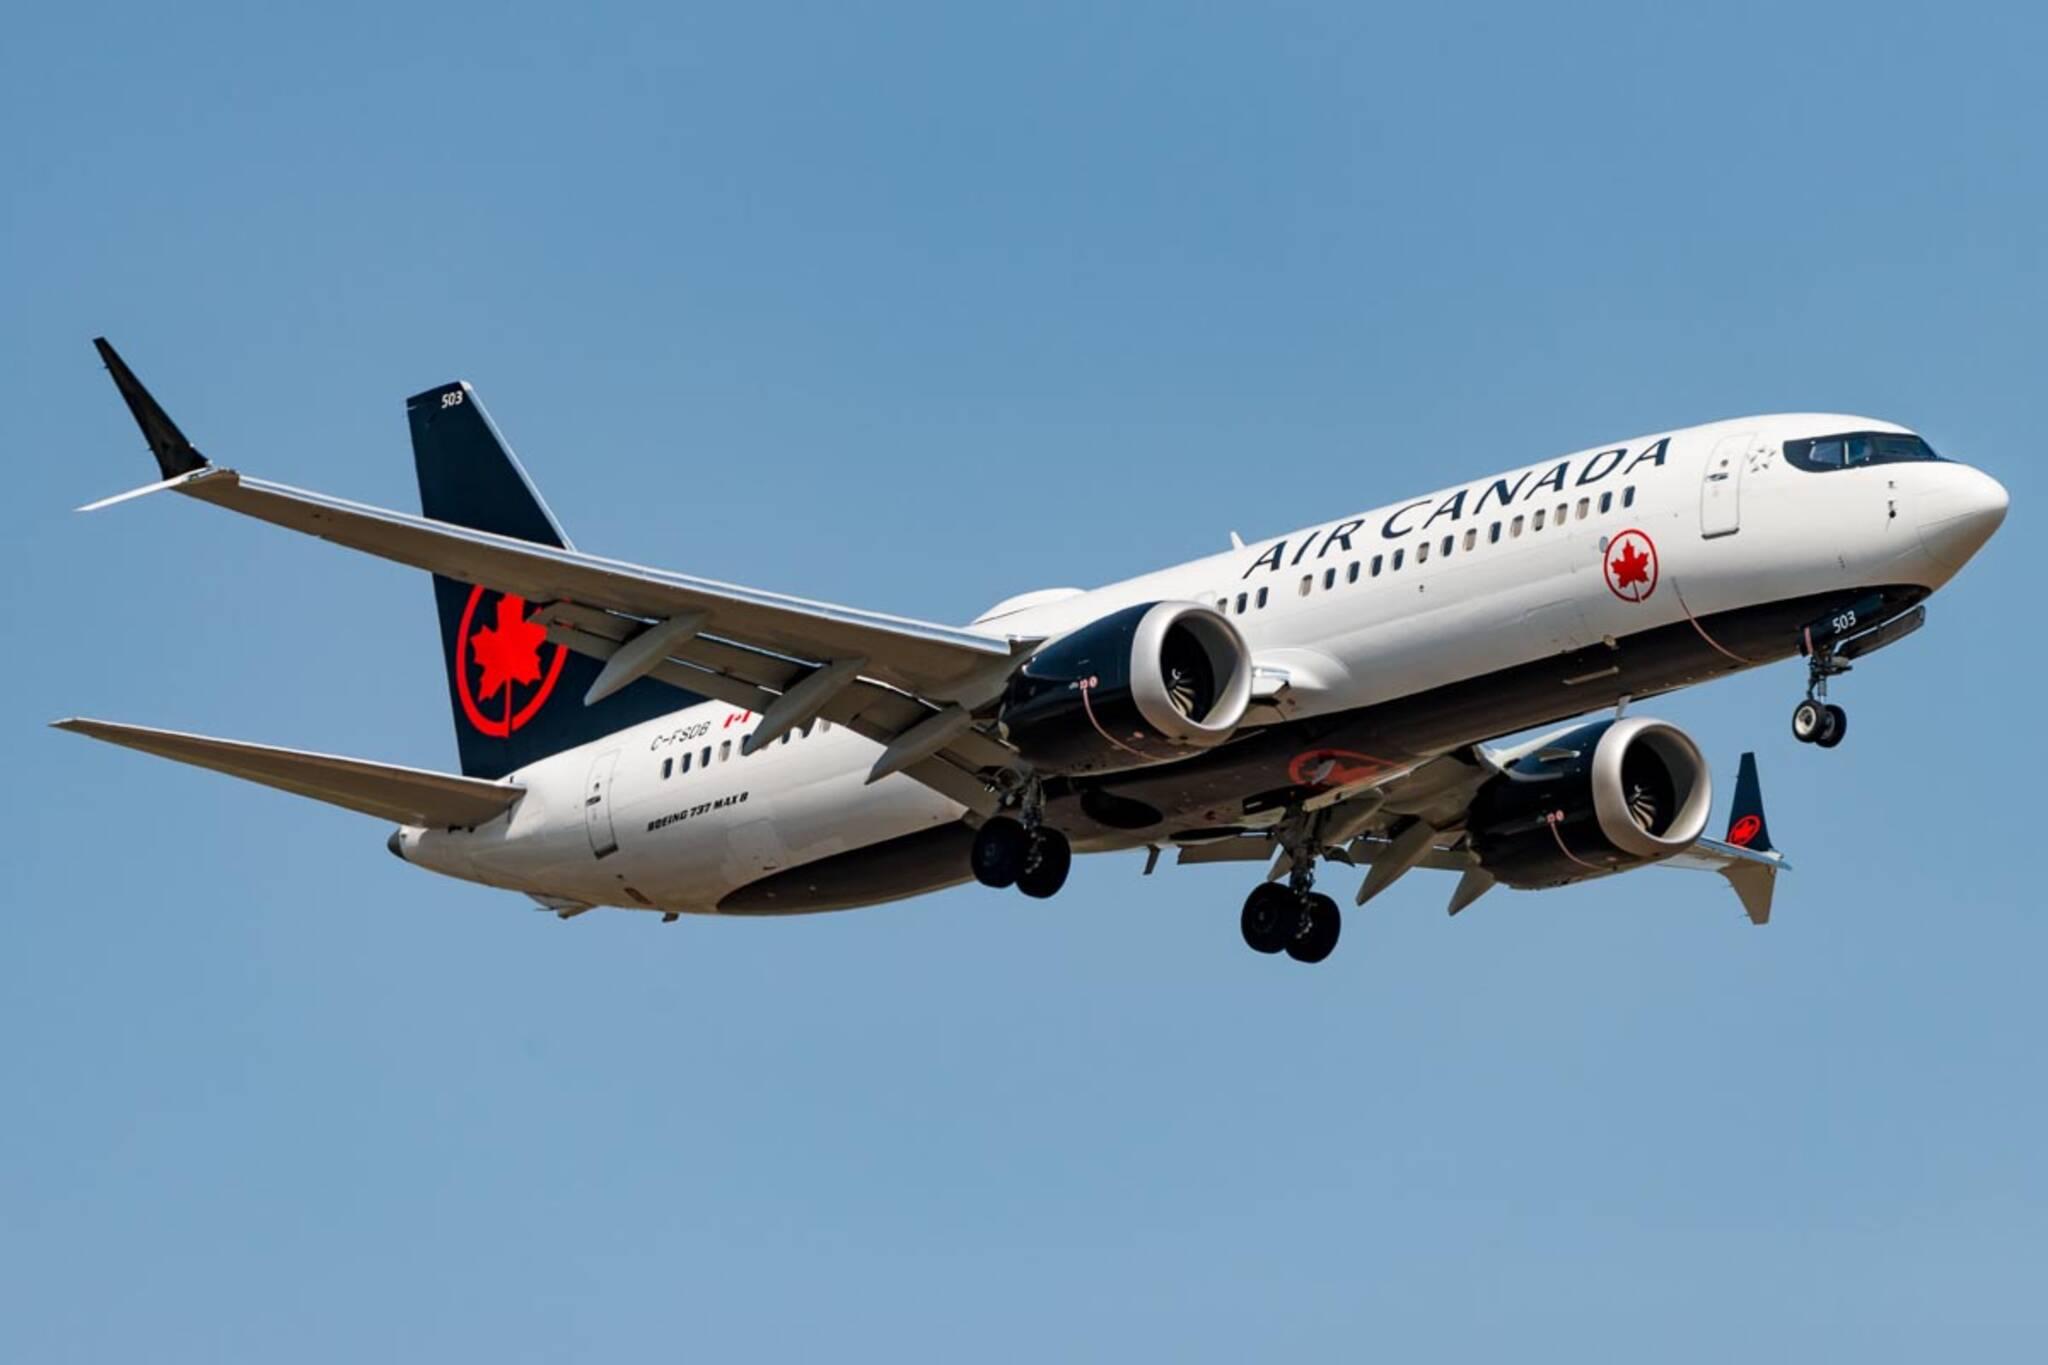 Boeing 737 Canada